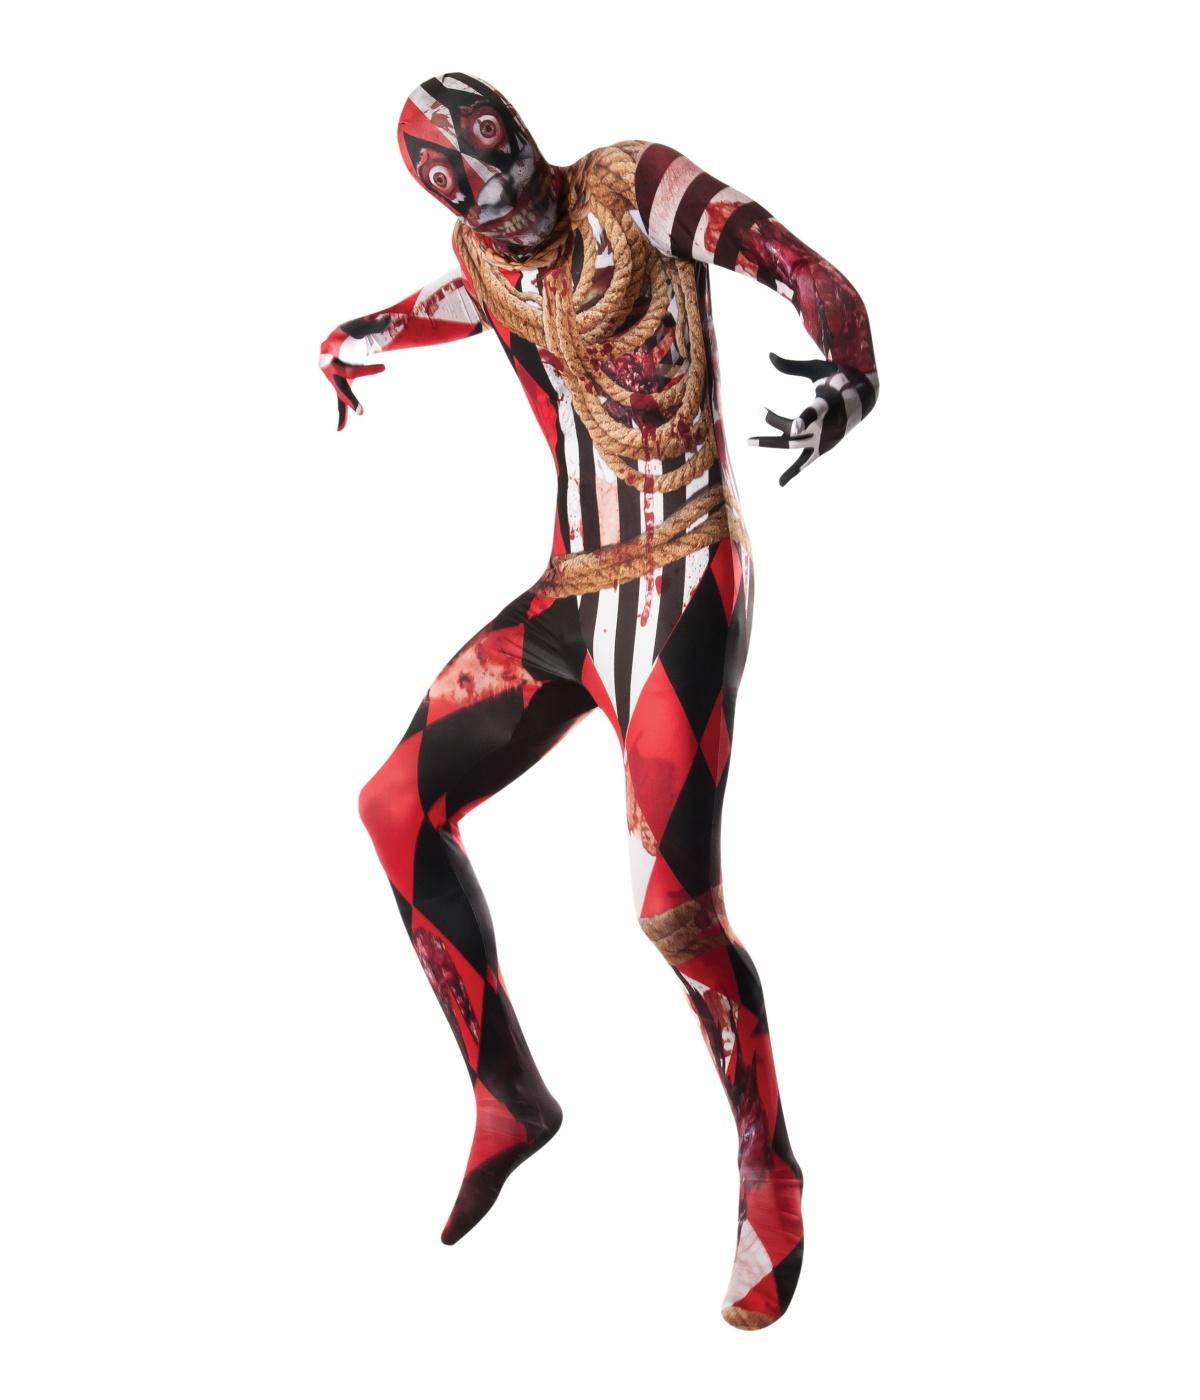 Skin suit images 24